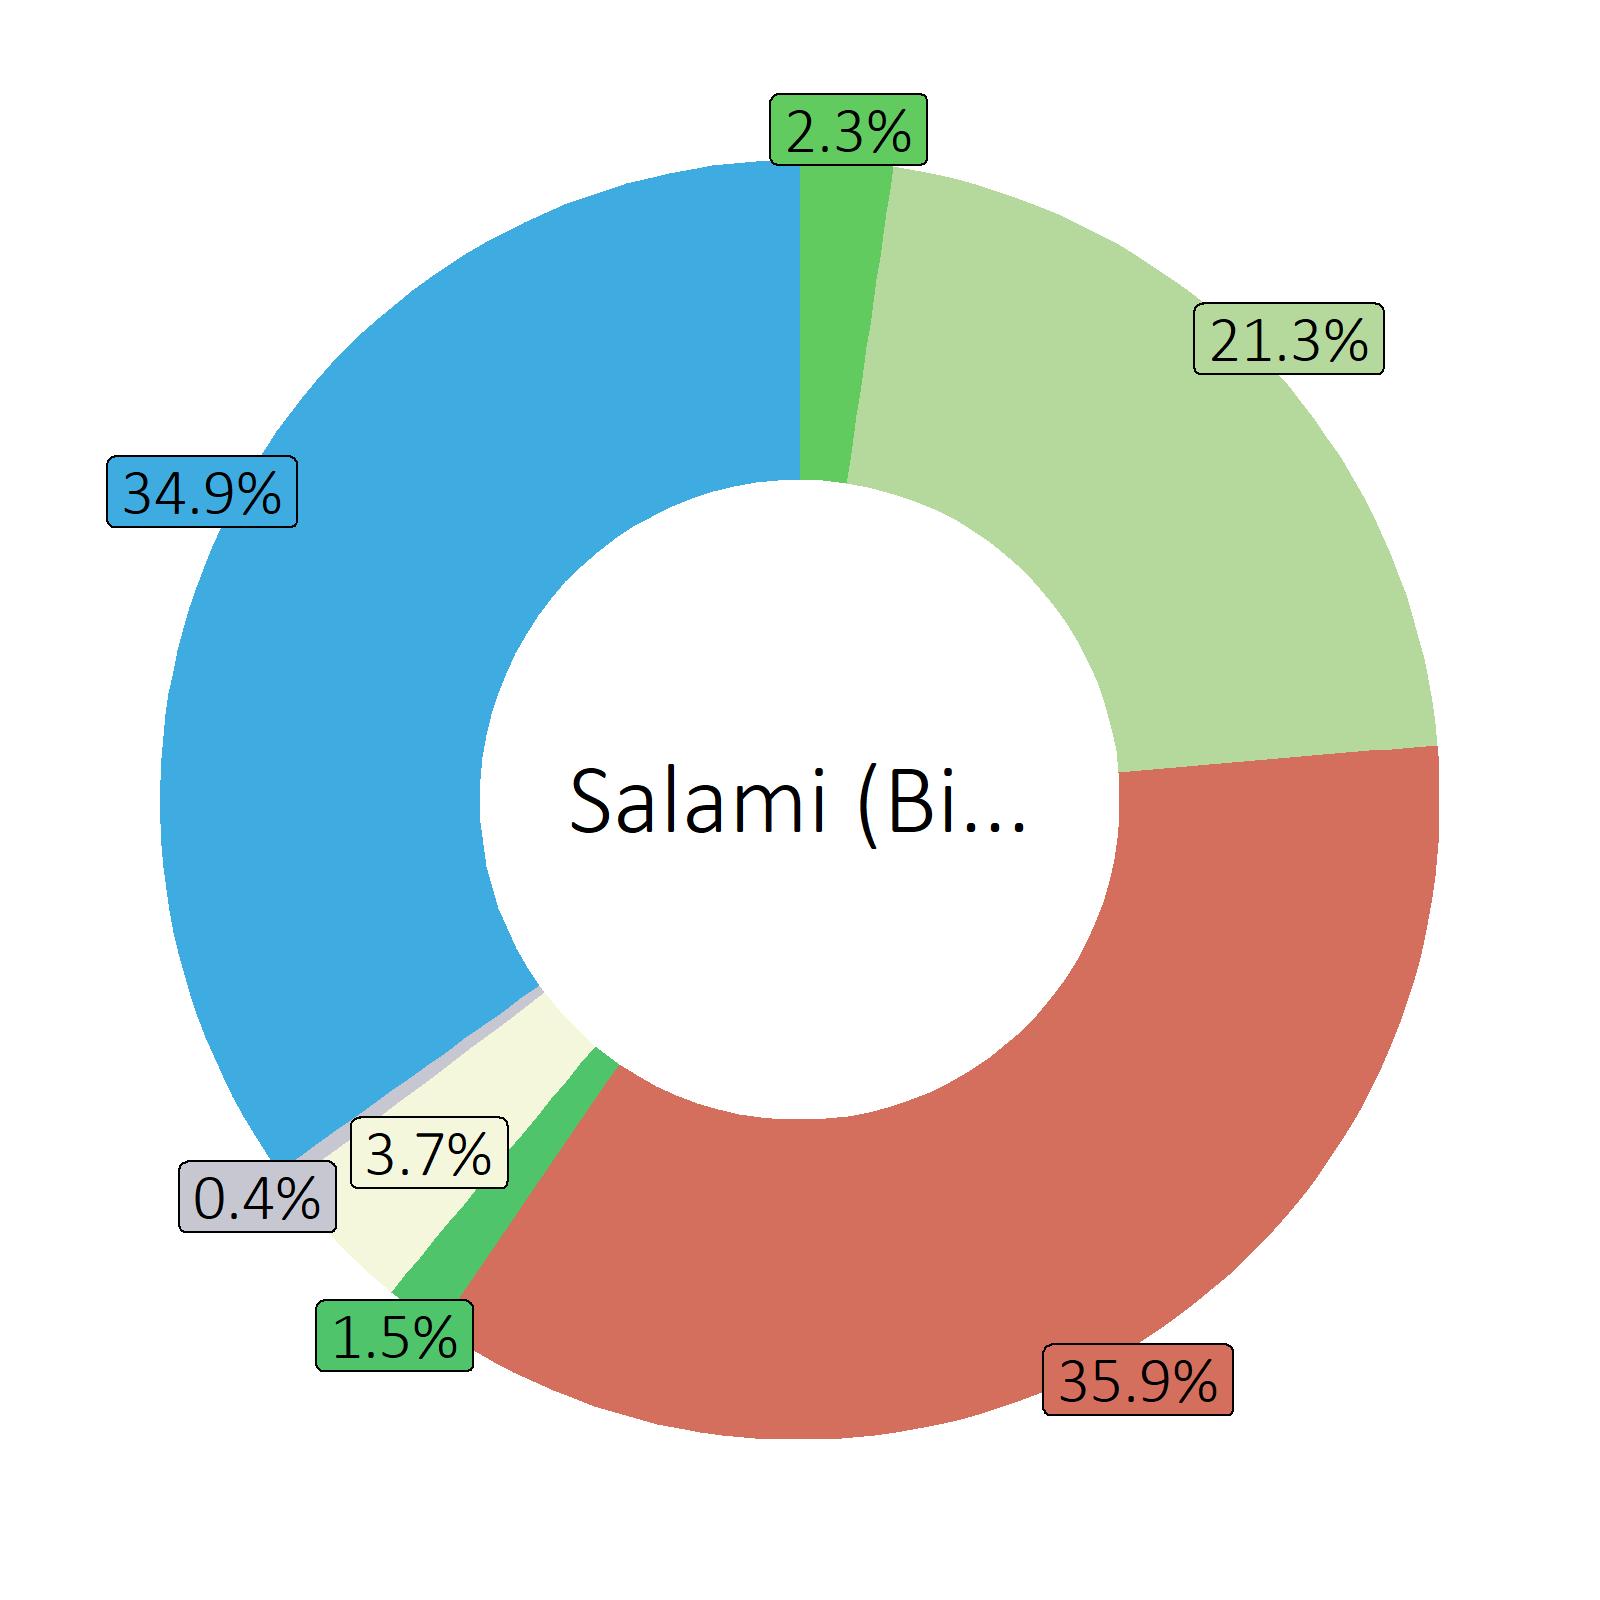 Bestandteile Salami (Billiglinie)